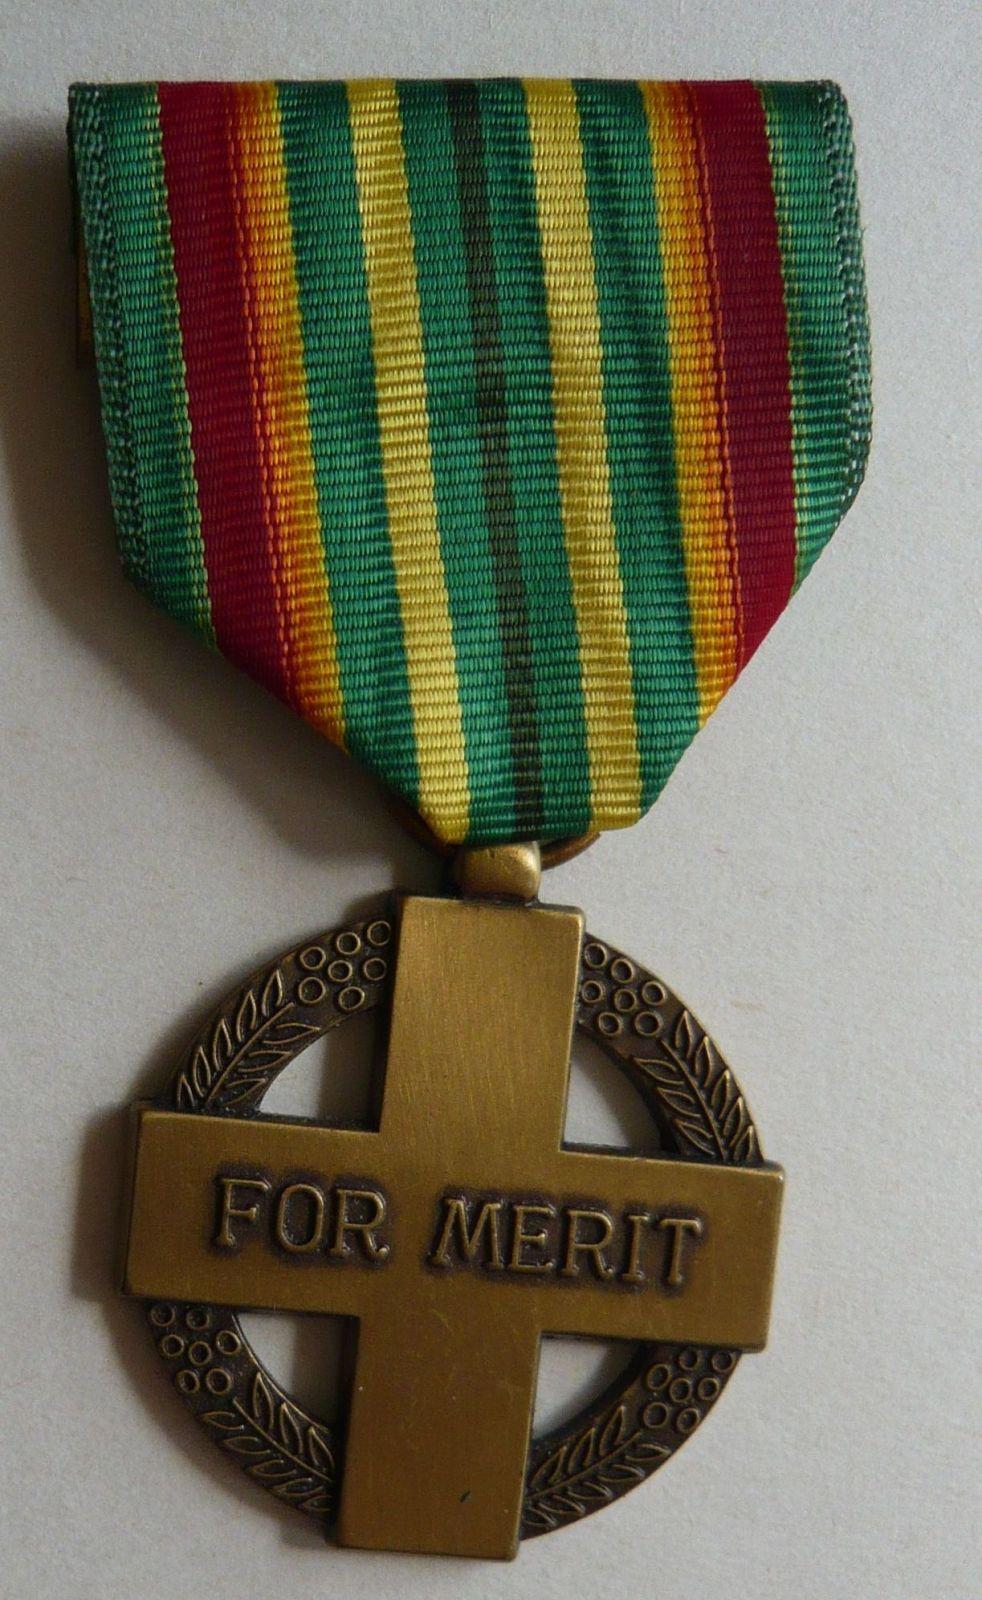 USA For merit